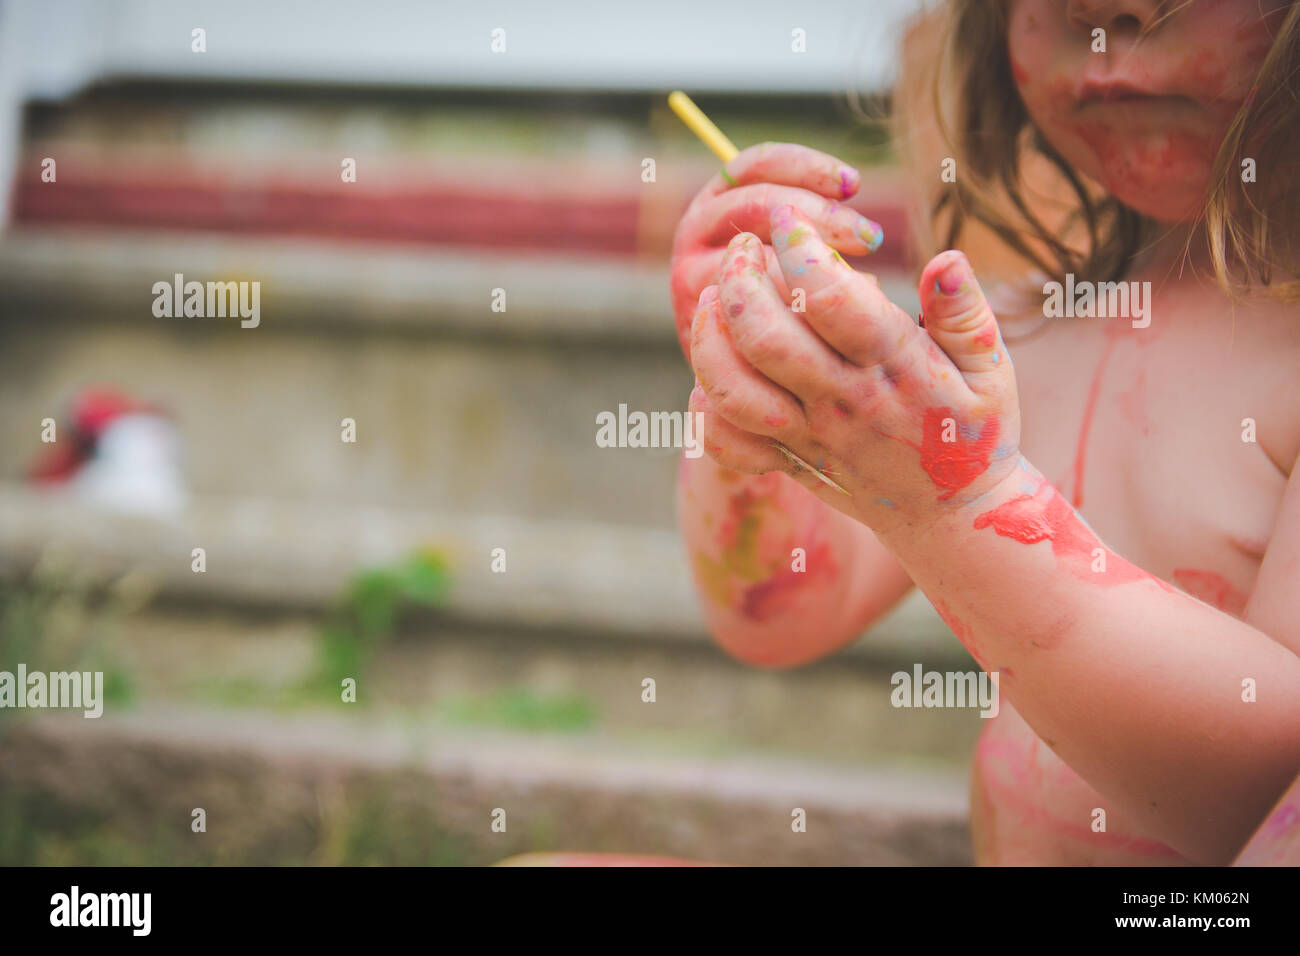 Ein Kind malt auf ihre Hände. Stockbild